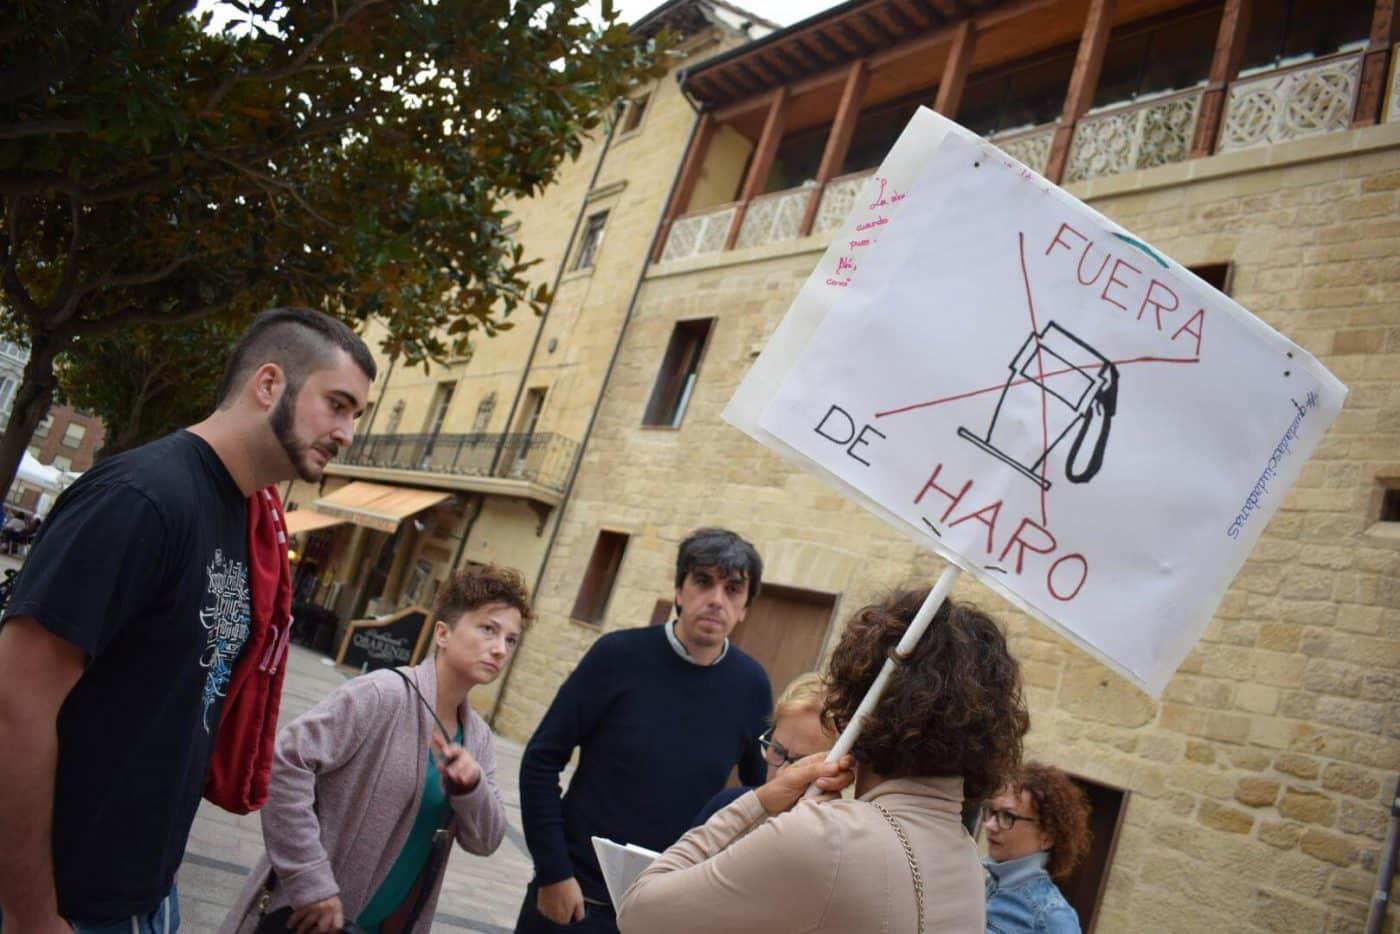 Los vecinos que piden el traslado de la gasolinera de la avenida de La Rioja se consolidan como asociación 1